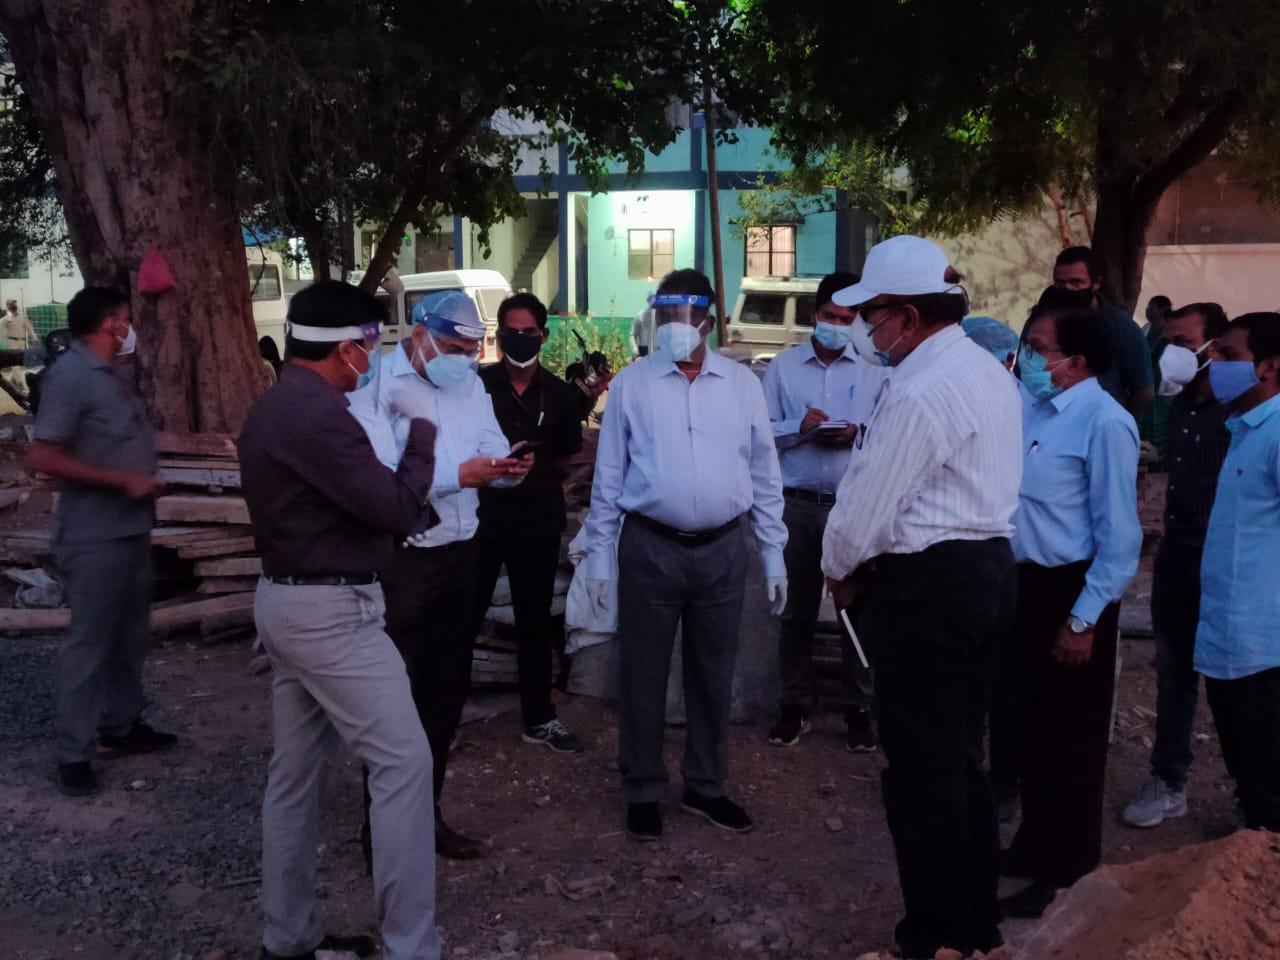 स्वास्थ्य मंत्री ने 27 अप्रैल को होशंगाबाद में निरीक्षण किया था।